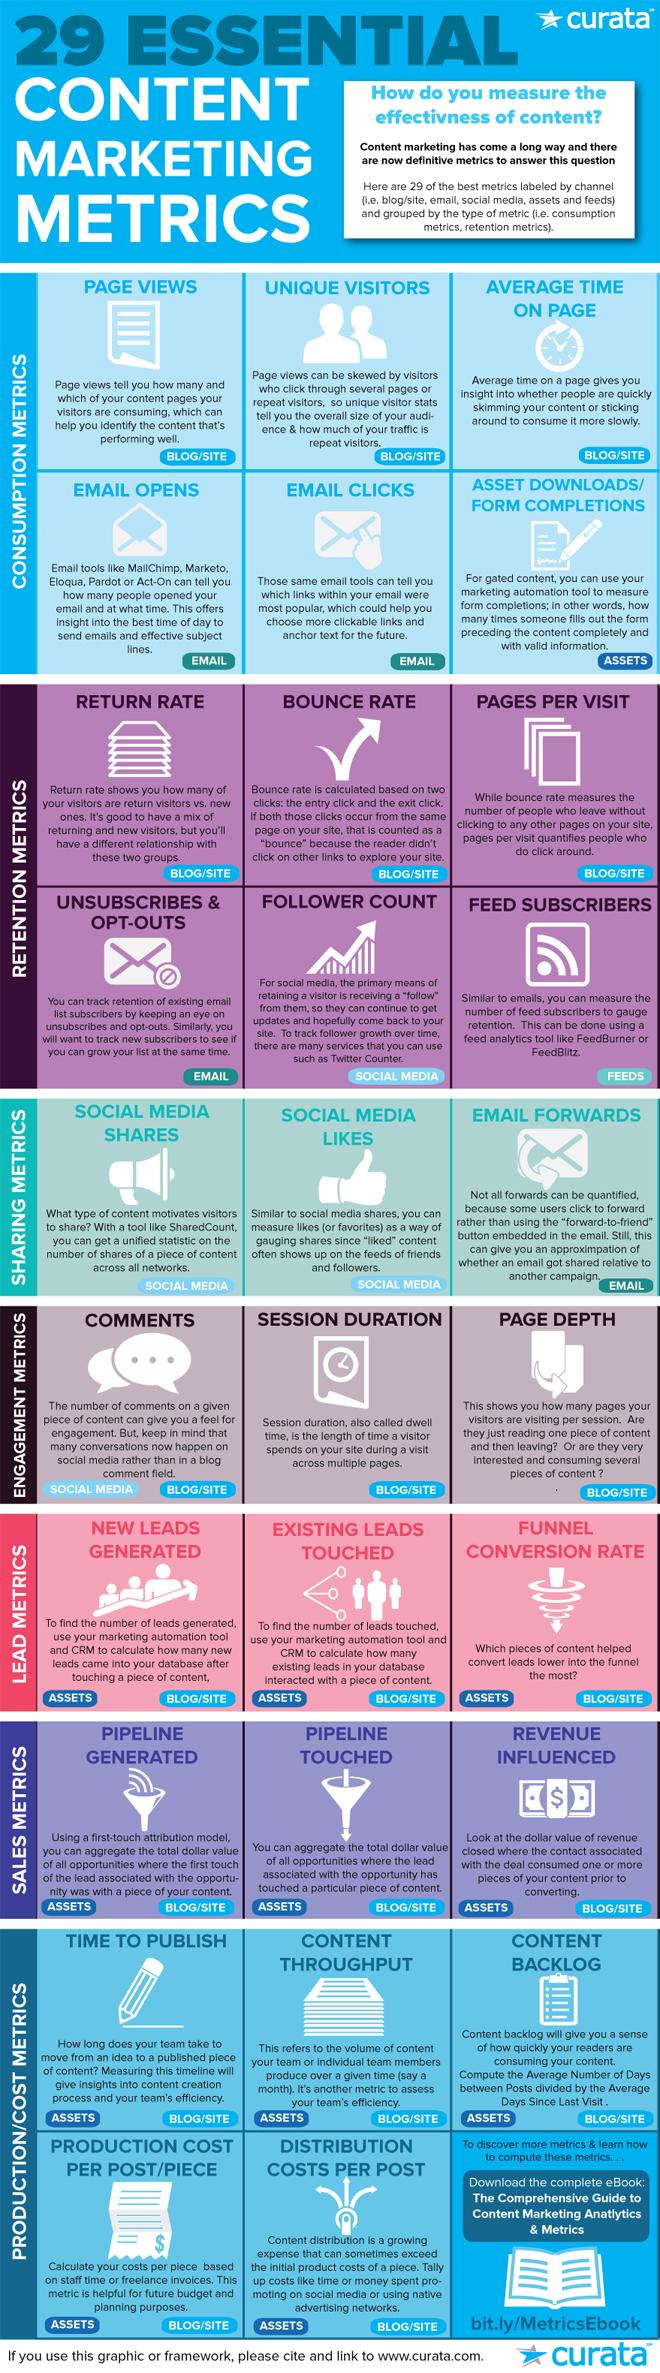 Content Marketing Measurement: 29 Essential Metrics!